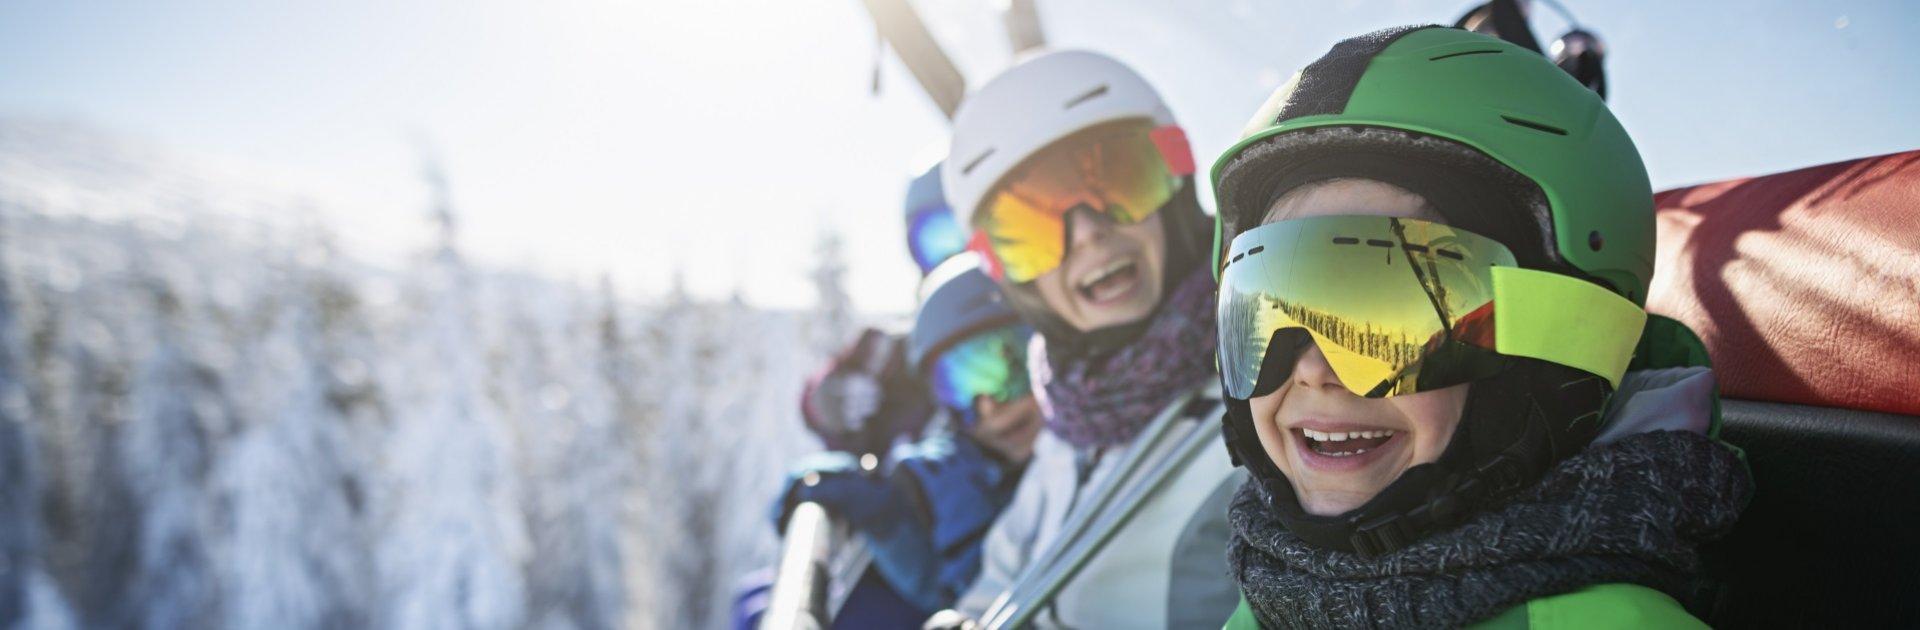 skifahren kinder microsite